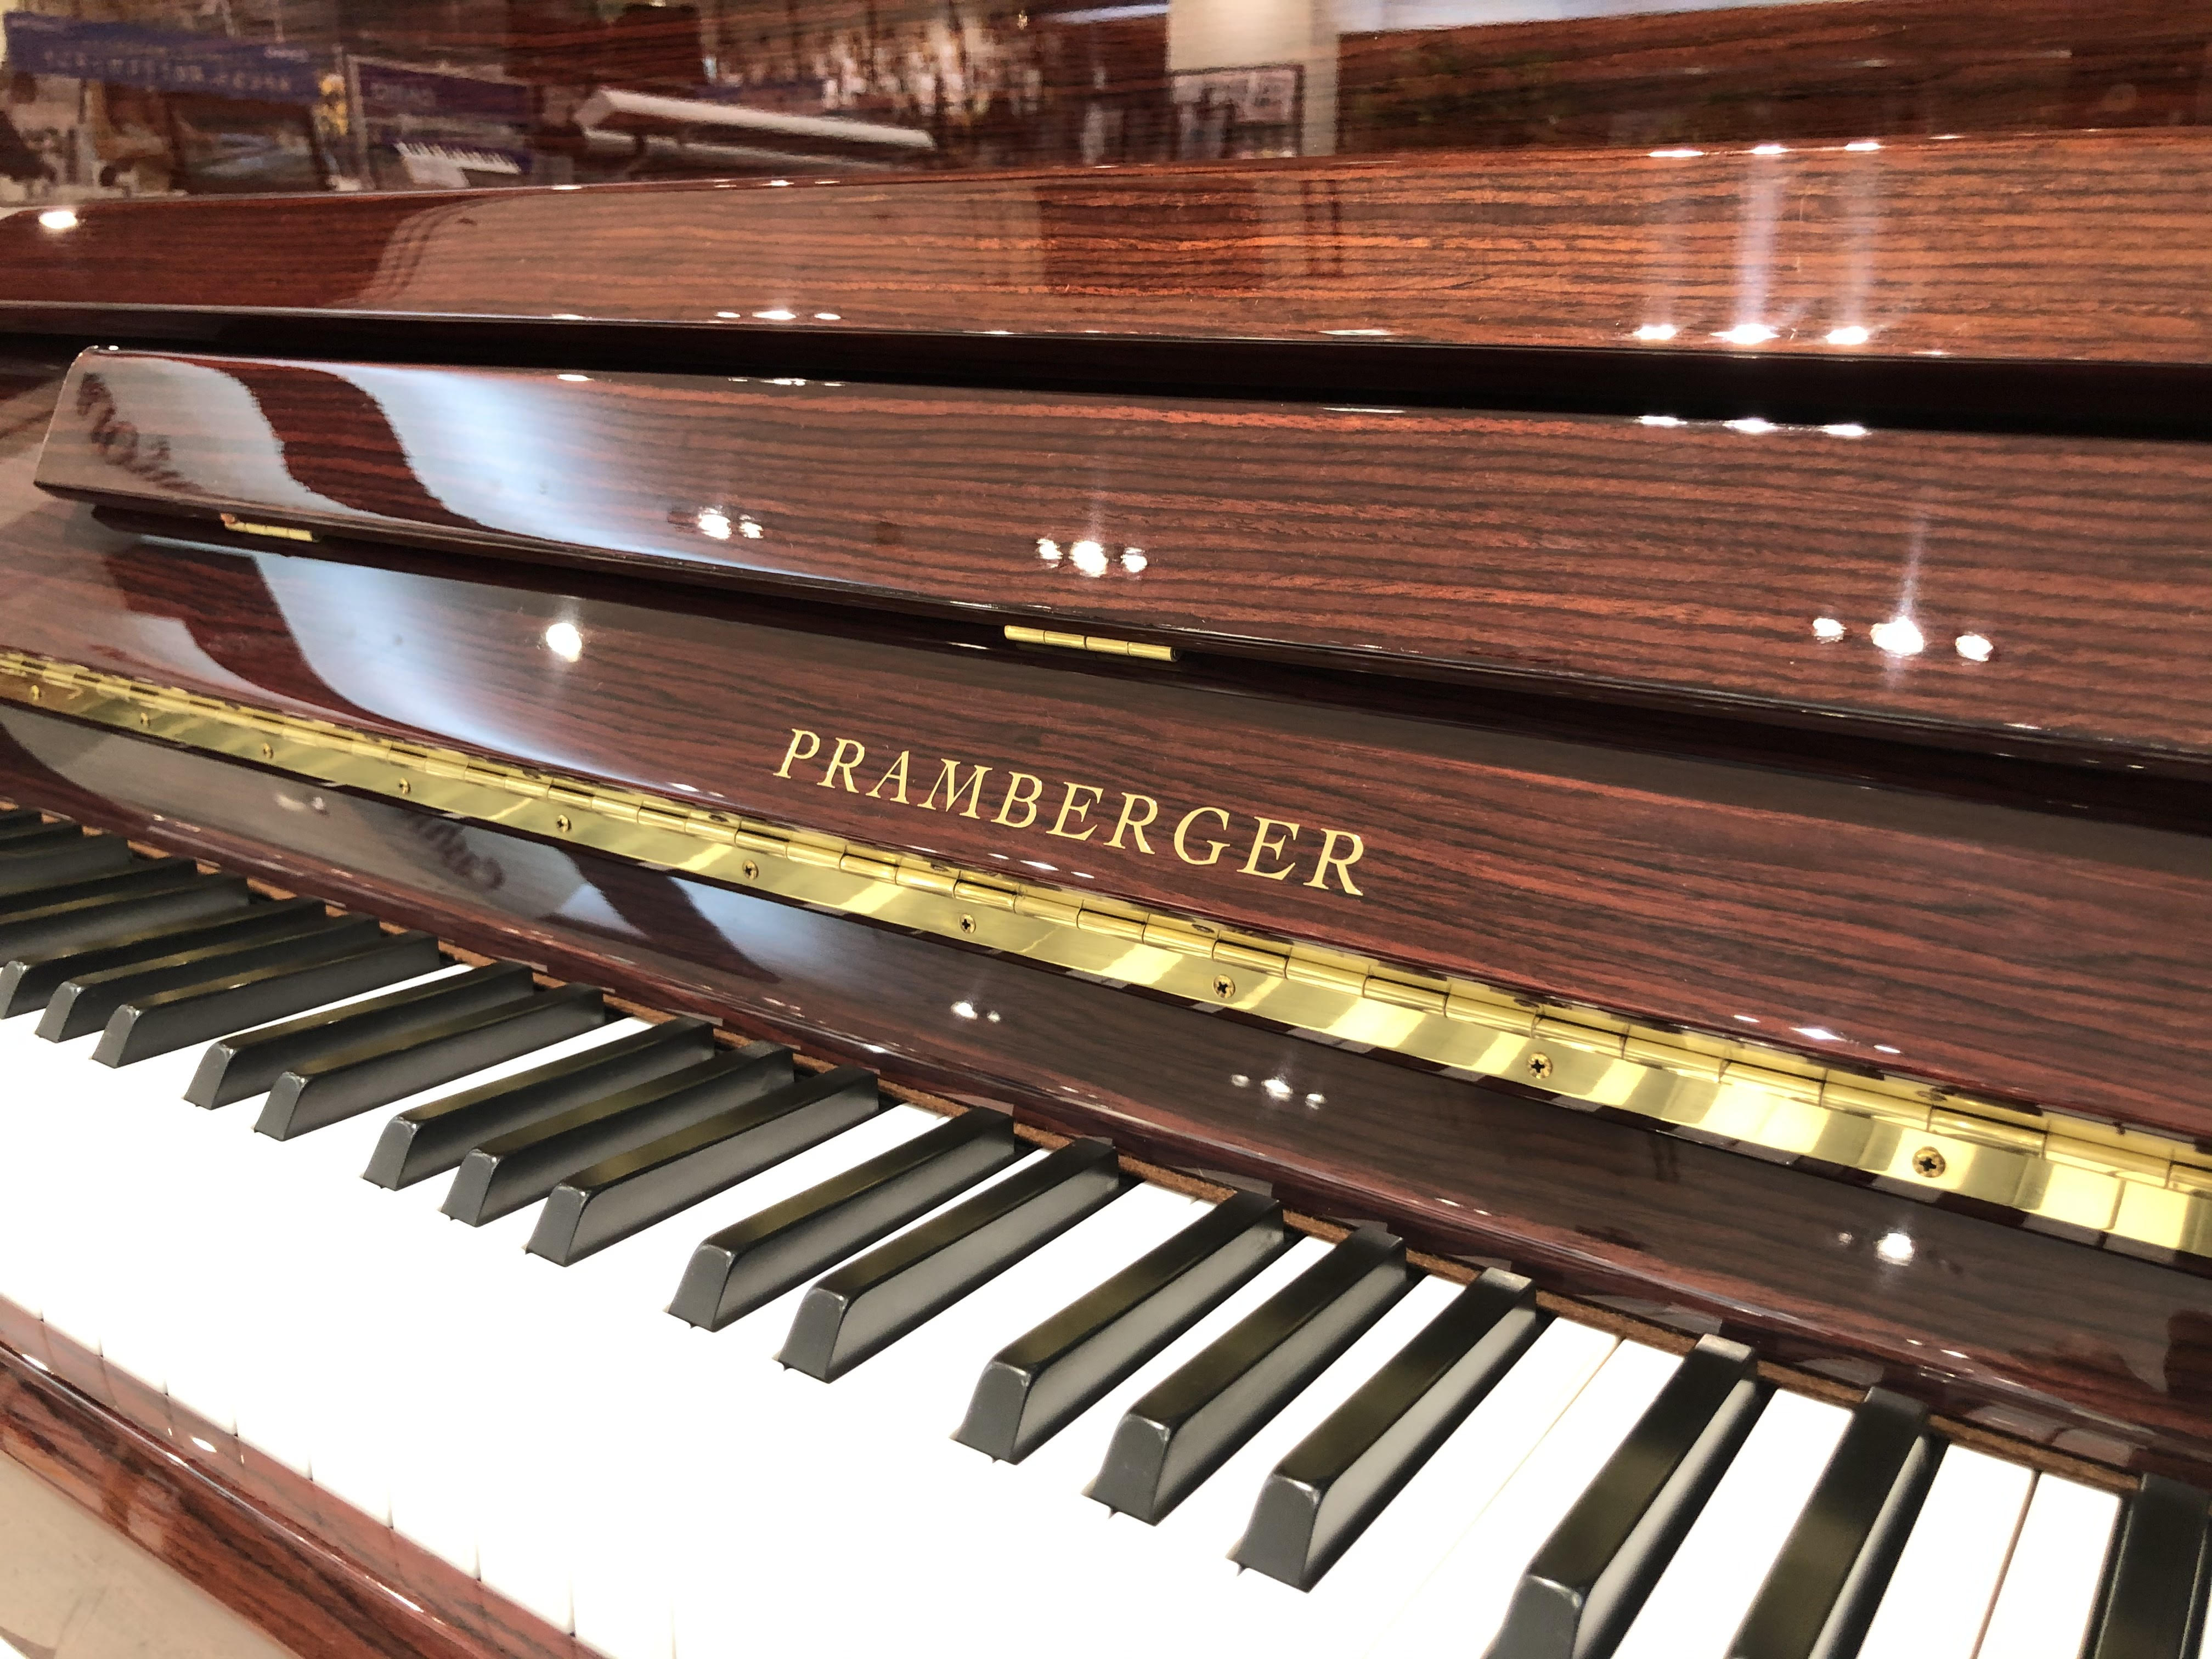 アップライトピアノ 新品 中古 選び方 PRAMBERGER PV118SM 消音ユニット 千葉ニュータウン 印西 価格 島村楽器